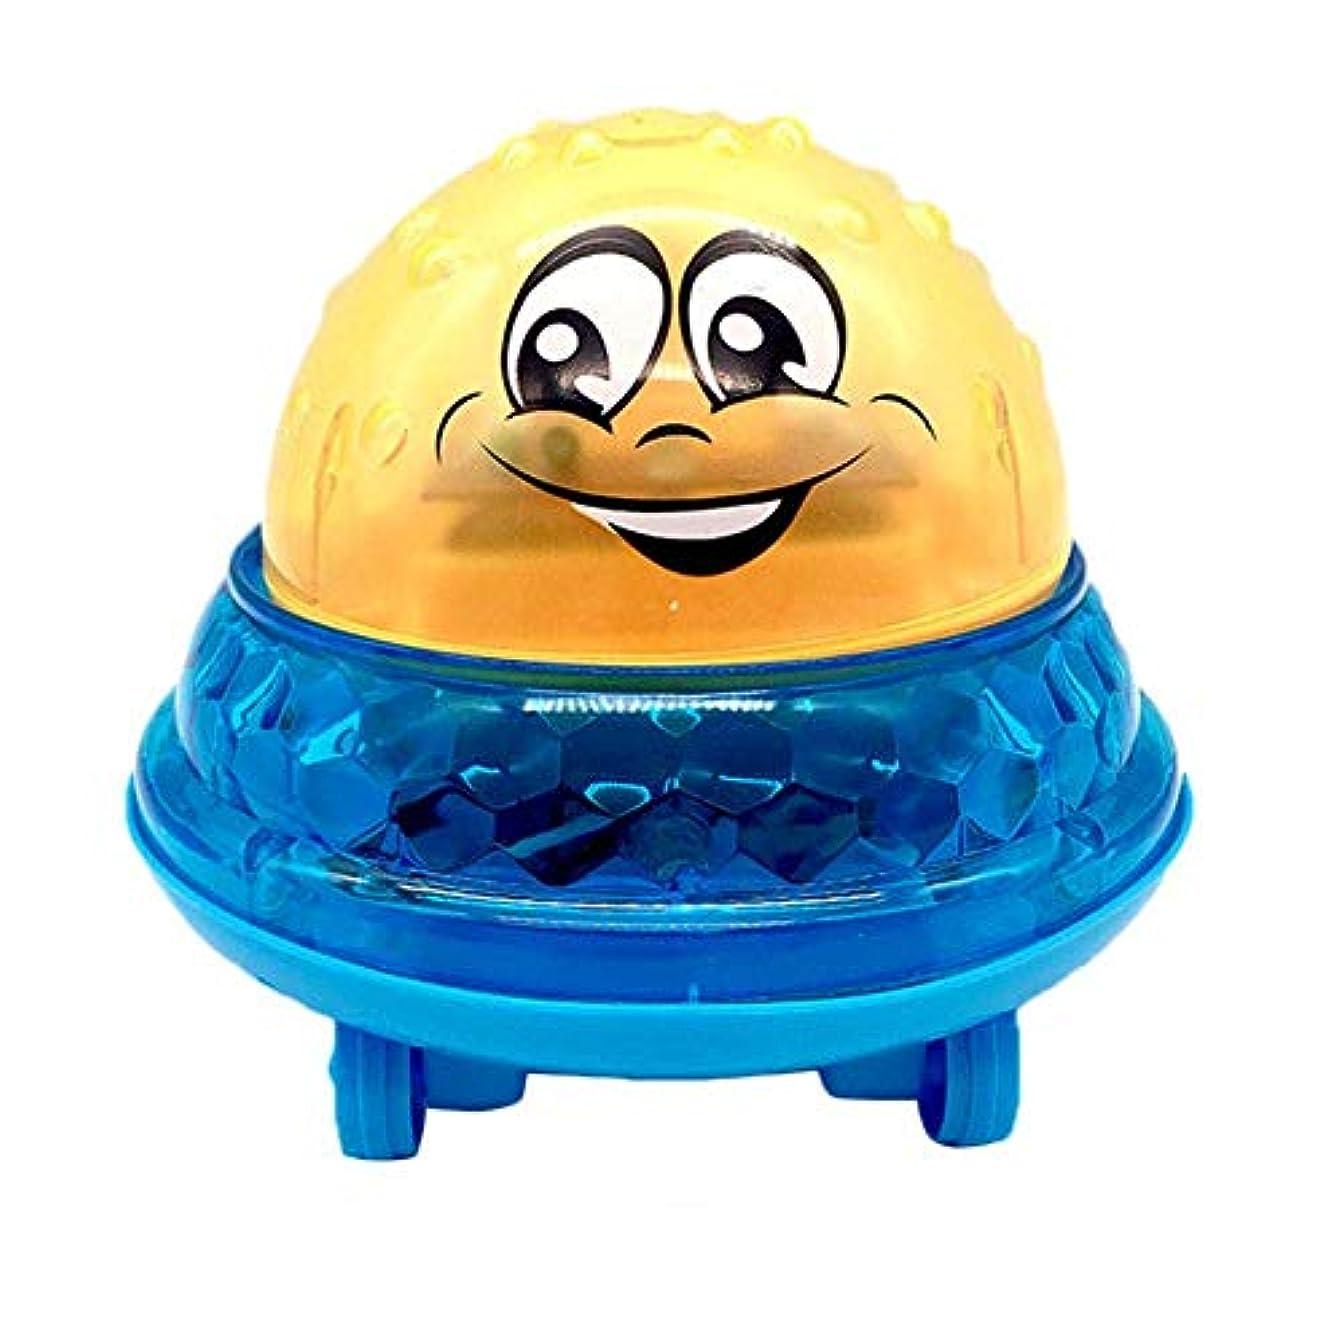 明るくする地質学リルお風呂用おもちゃQunqene お風呂 おもちゃ 噴水 ボート 水遊び玩具 かわいい お風呂遊びおもちゃ 水遊び お風呂 入浴 子供のおもちゃ 子供用